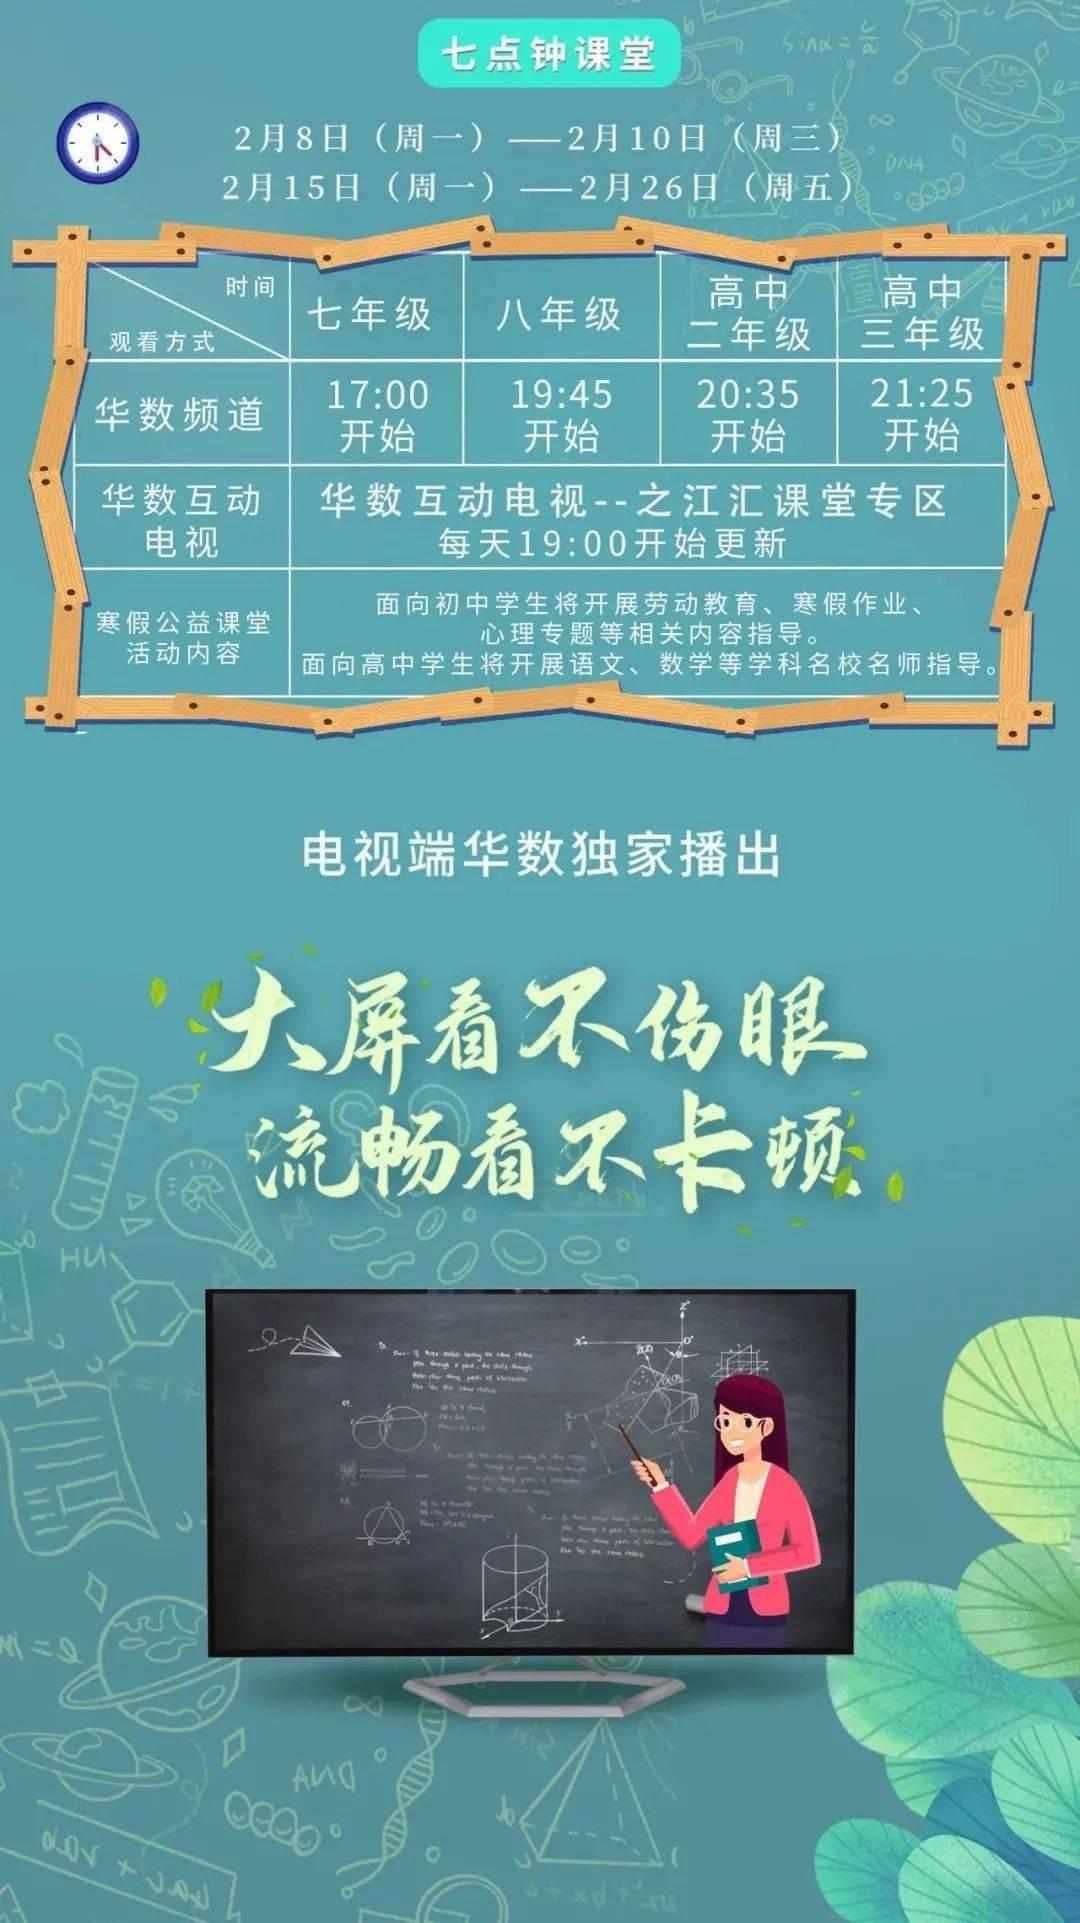 贑教云江西省线上教学 贑教云江西省中小学线转发